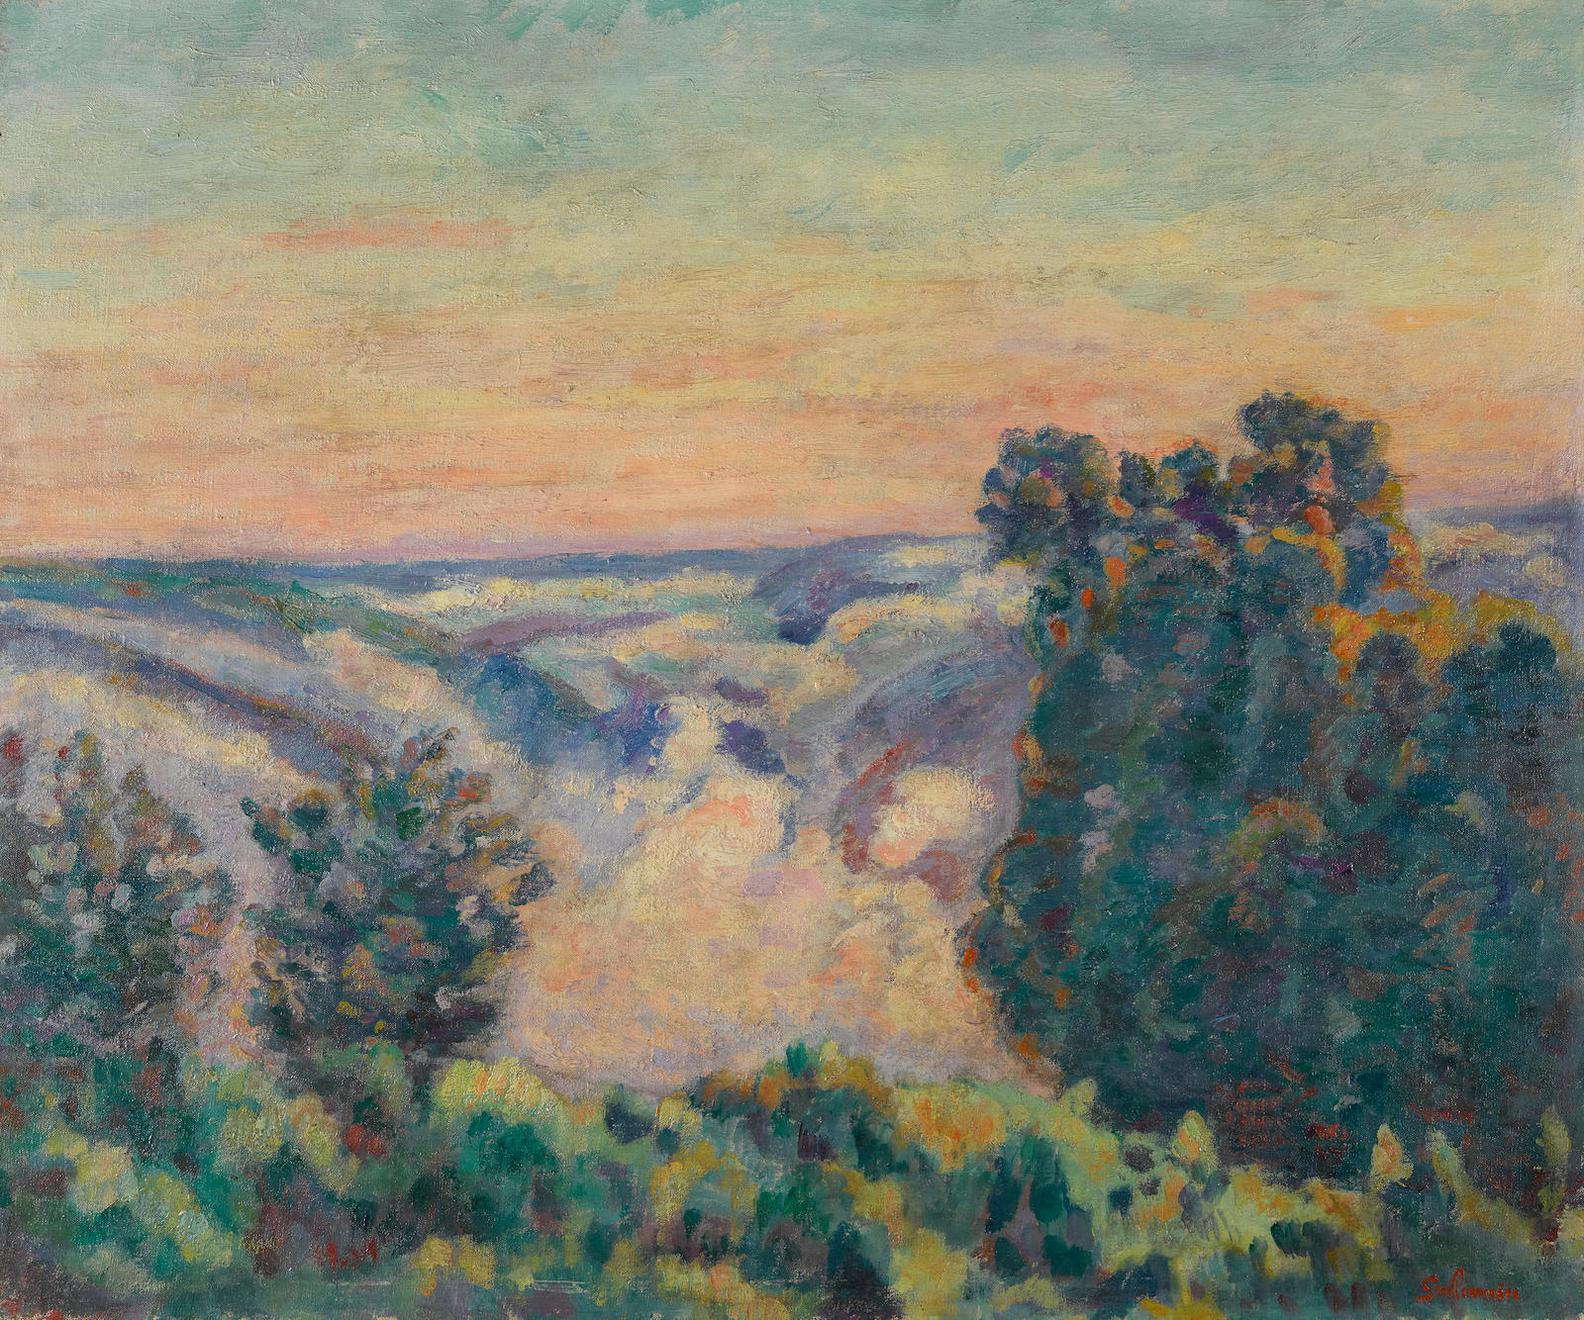 Jean-Baptiste Armand Guillaumin-Soleil Levant Dans Le Brouillard-1919